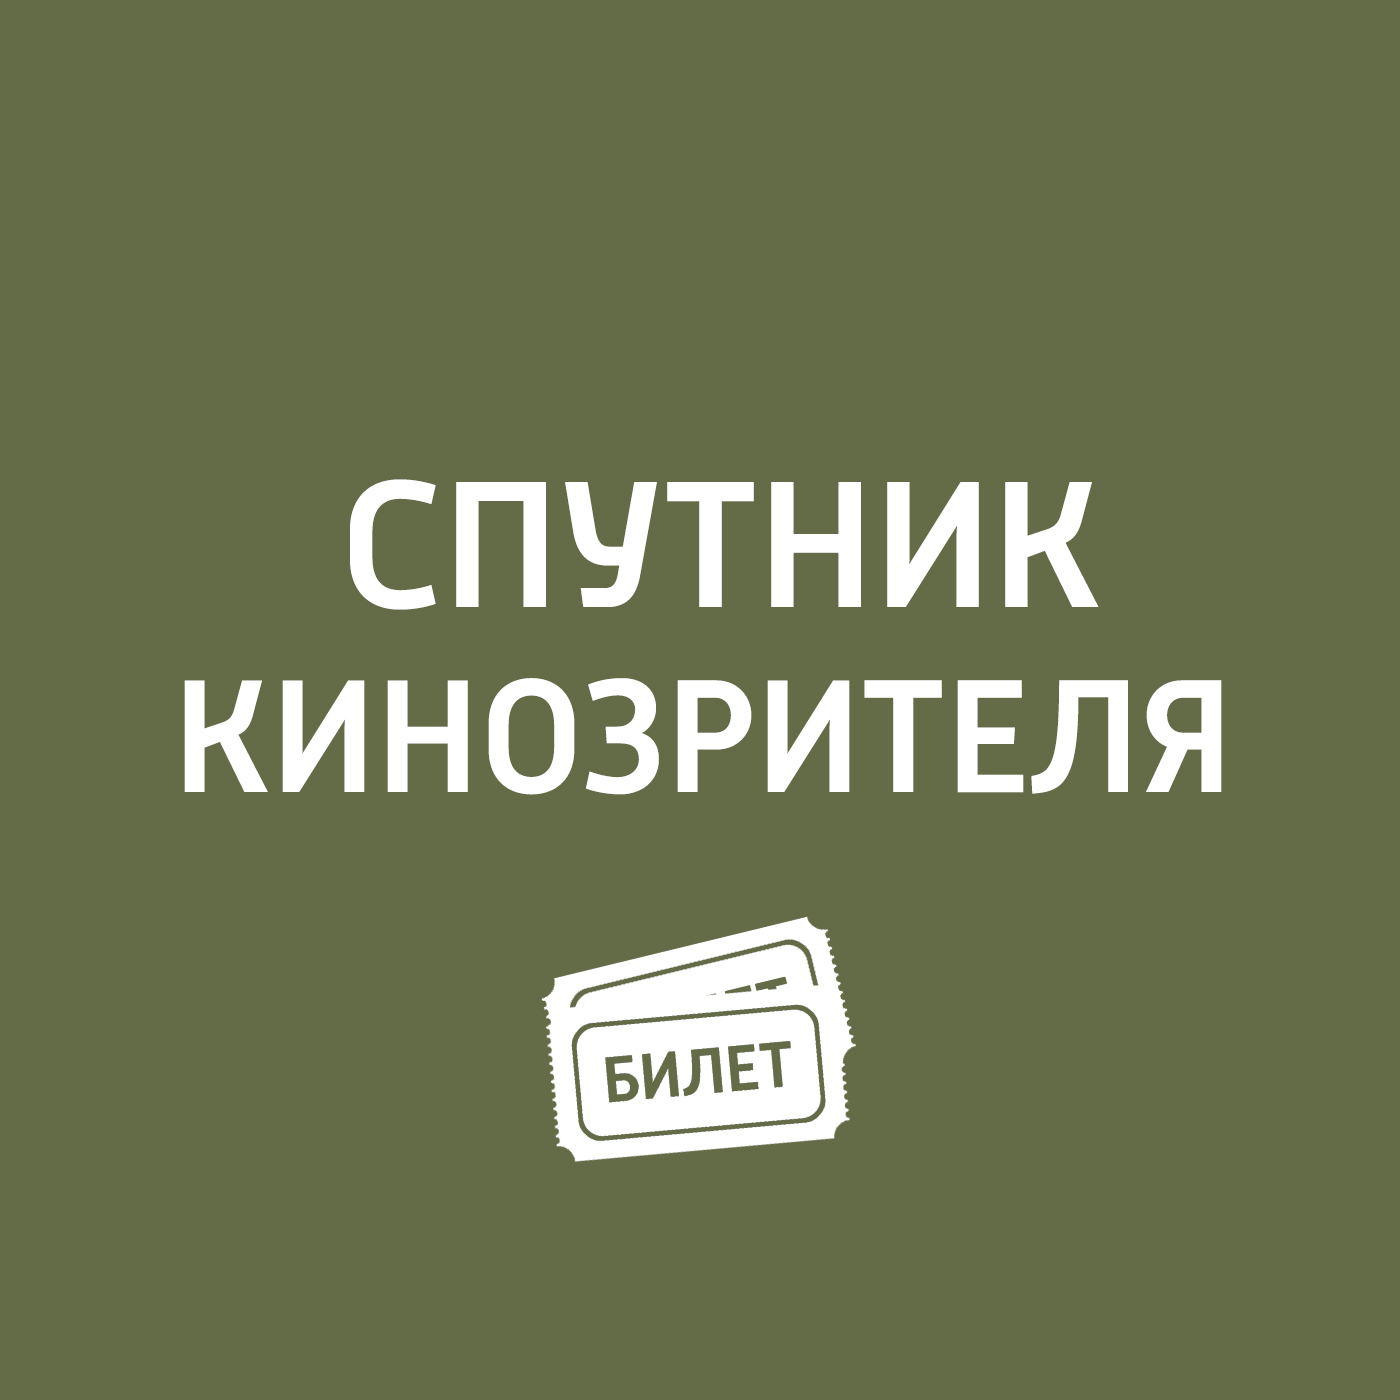 цена на Антон Долин Премьеры. «Анна Каренина. История Вронского